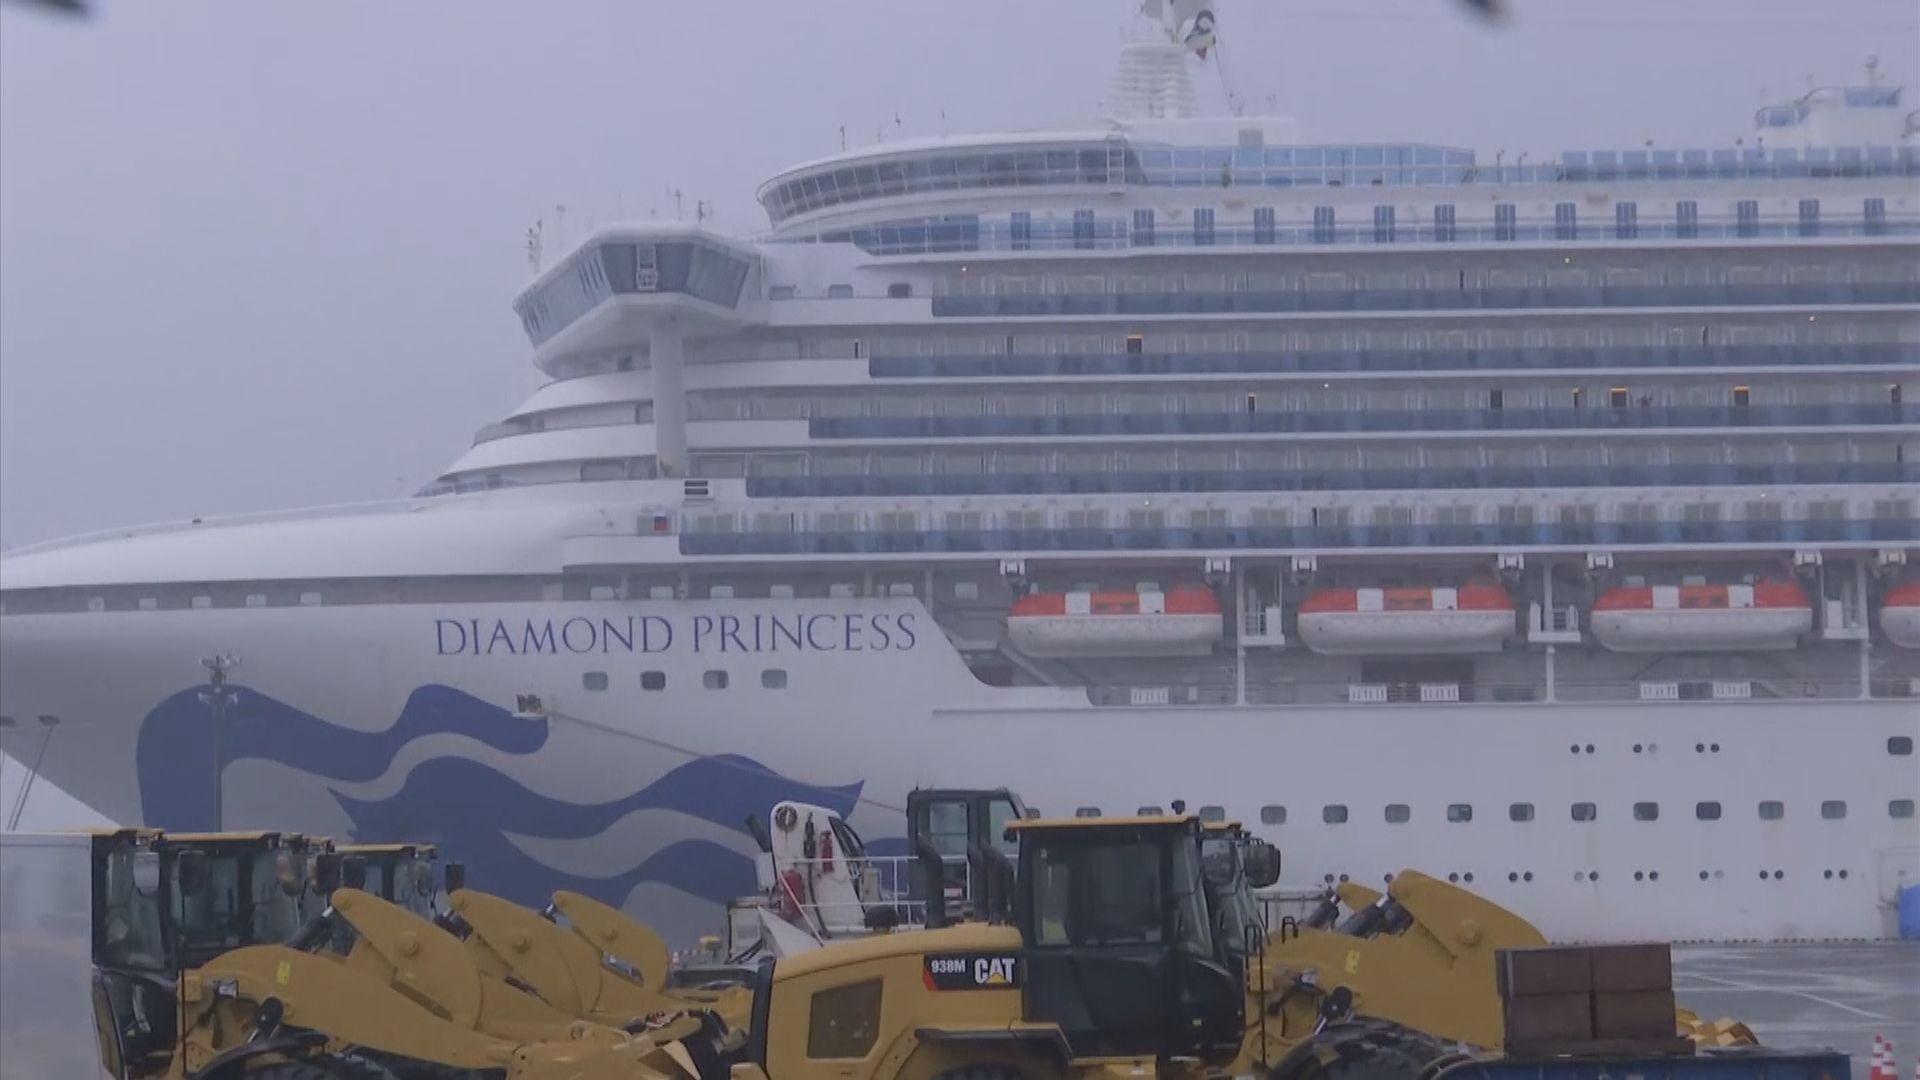 鑽石公主號近一成人確診 美加派包機接船上公民回國